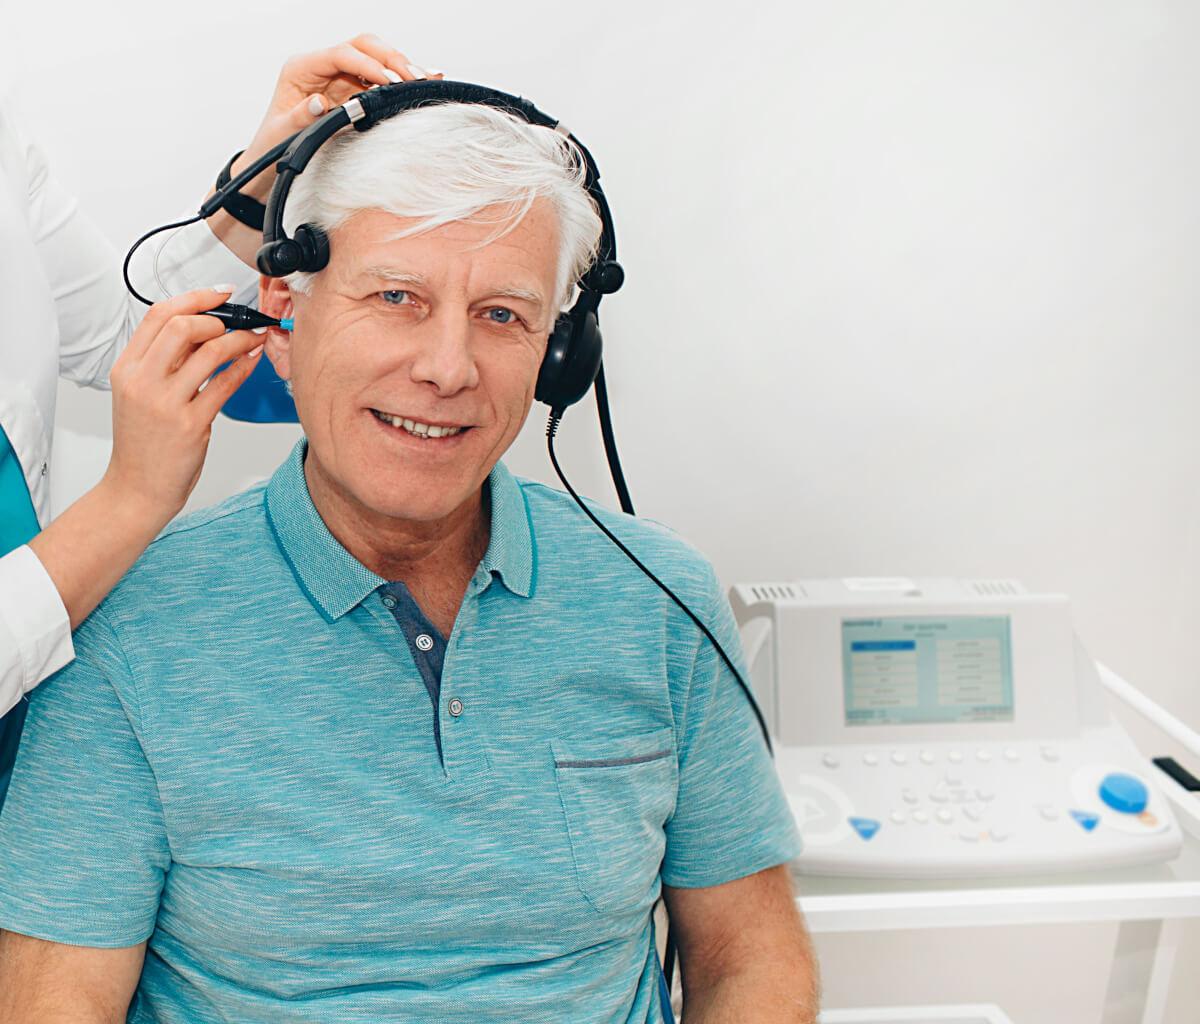 ak wygląda badanie słuchu